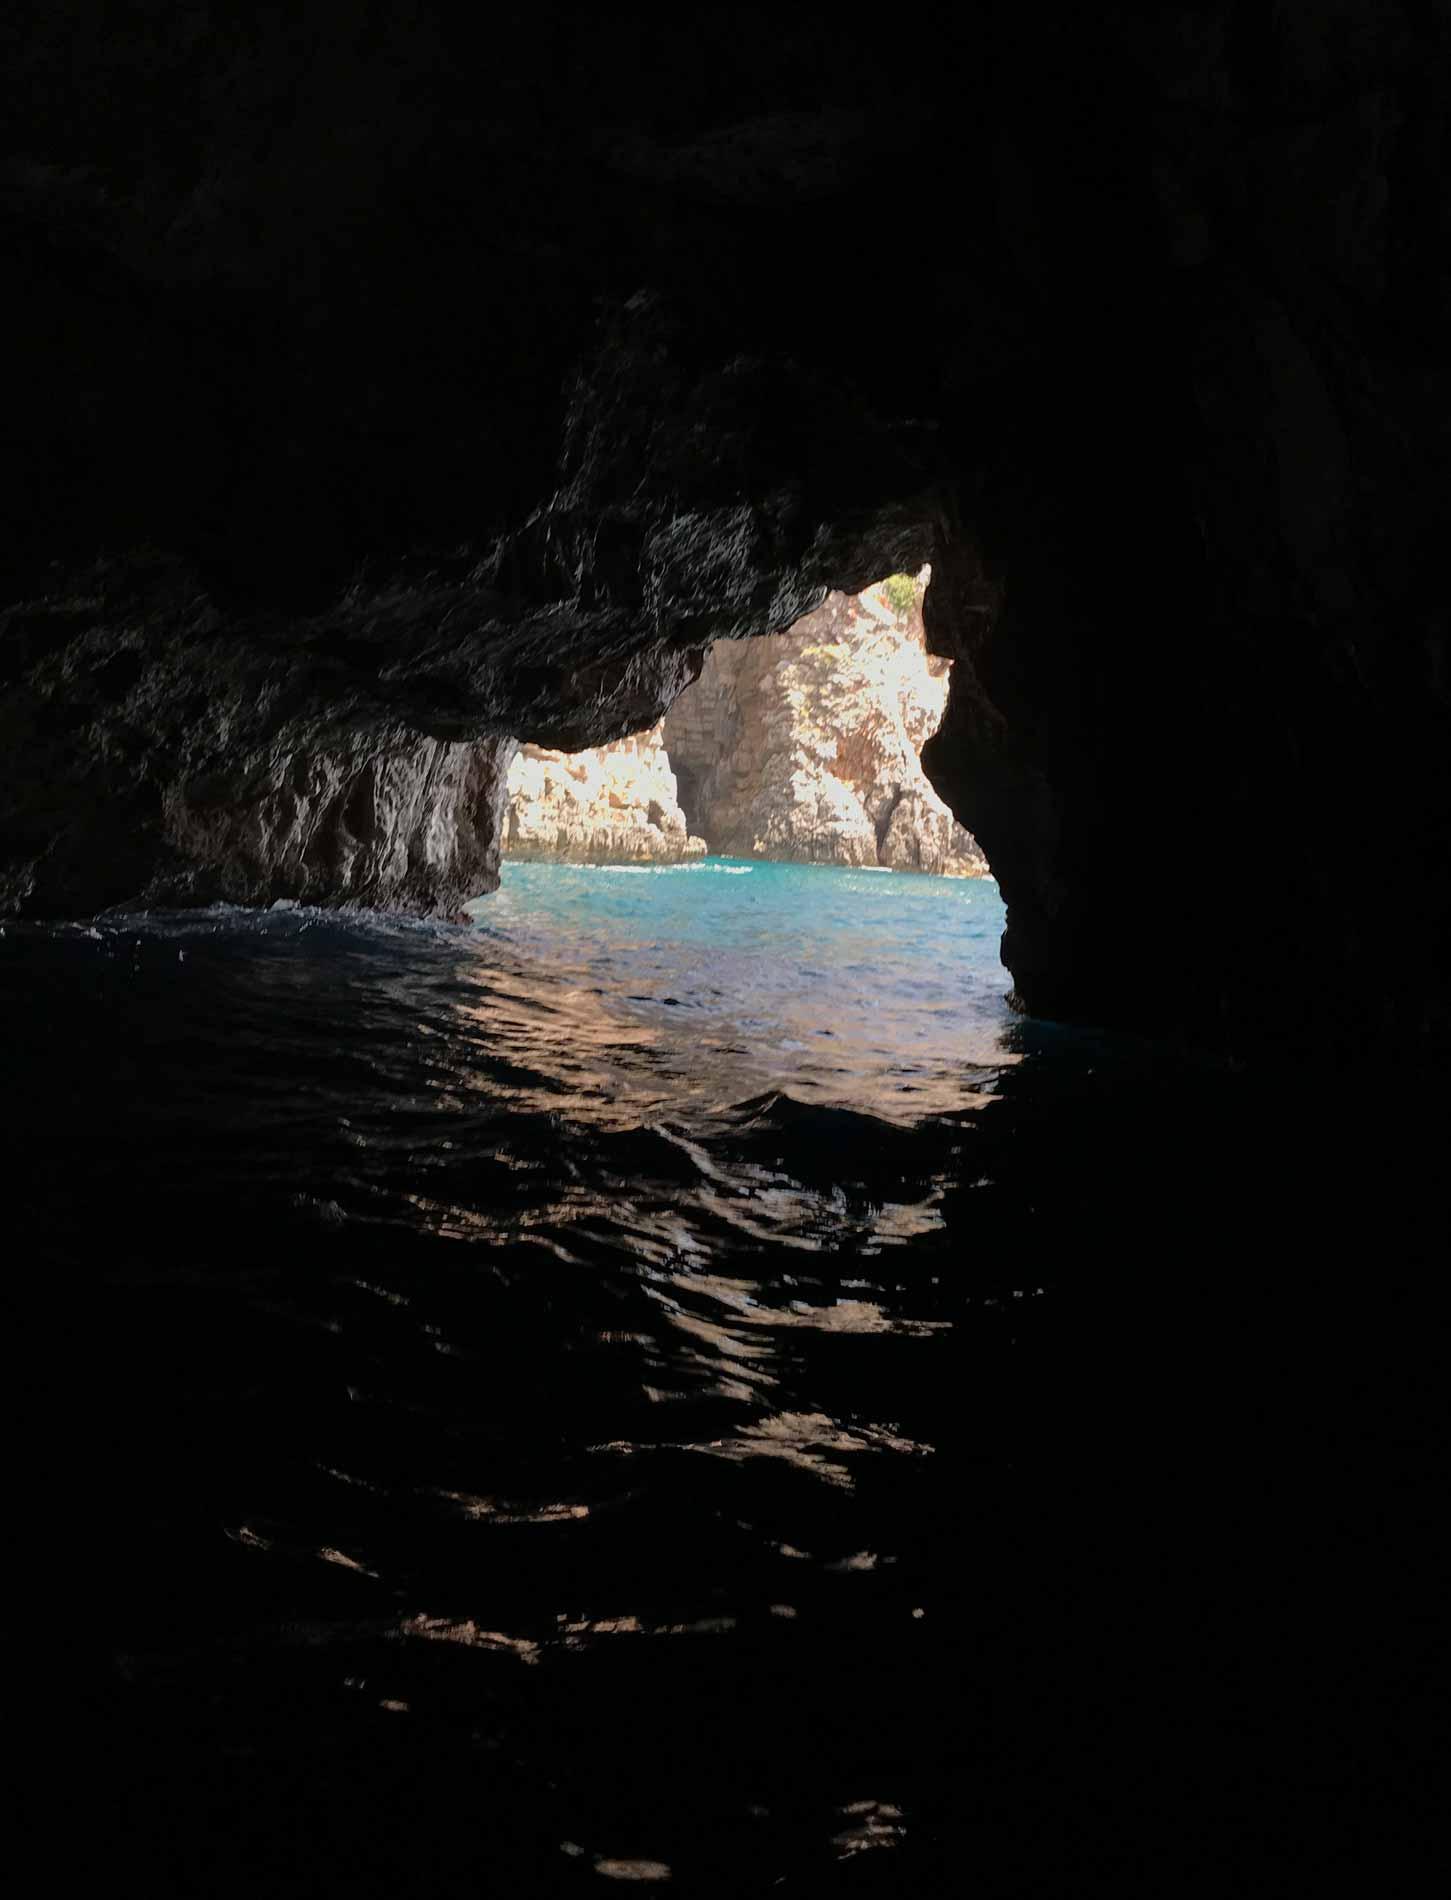 Mar-Adriatico-Bocche-di-Cattaro-Montenegro-Grotta-Azzurra-Plava-spilja-entrata